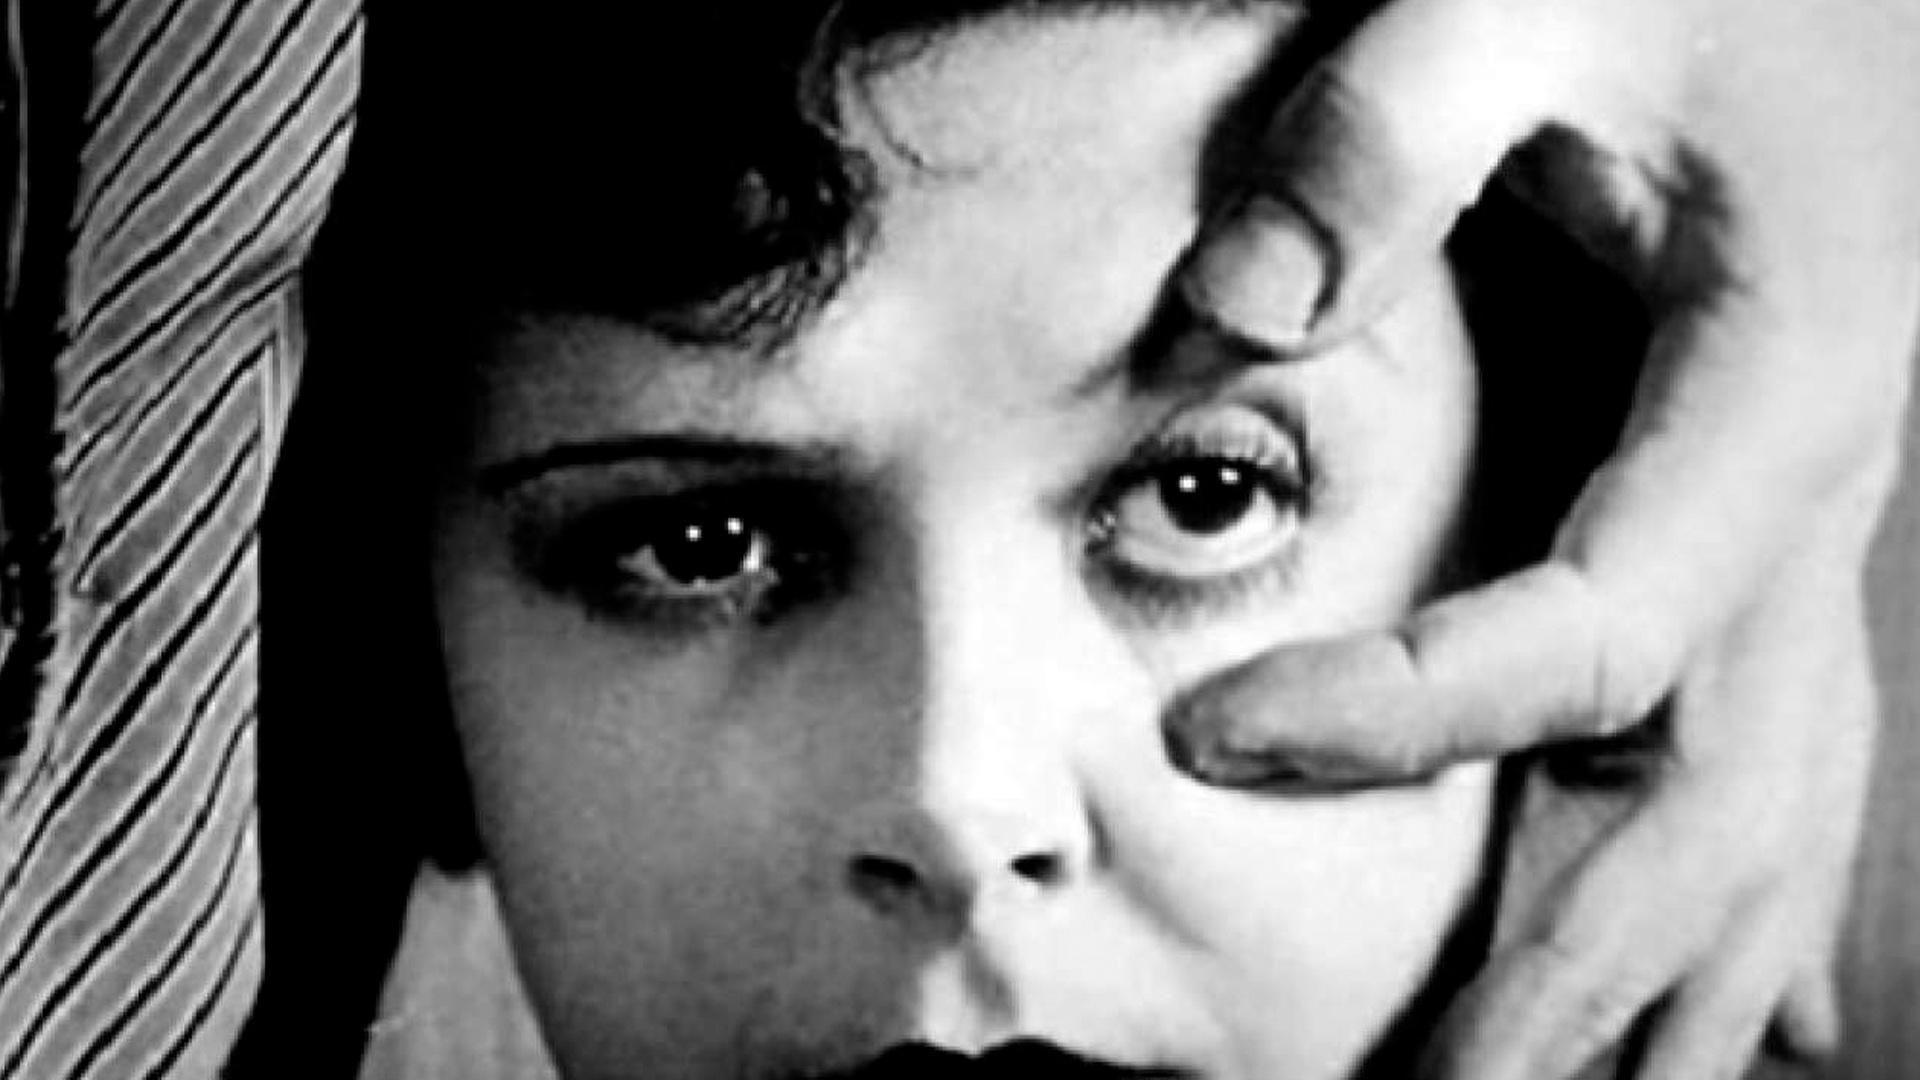 [CINE-CLUB] Visions surréalistes par Isabel Alvarez-Rico